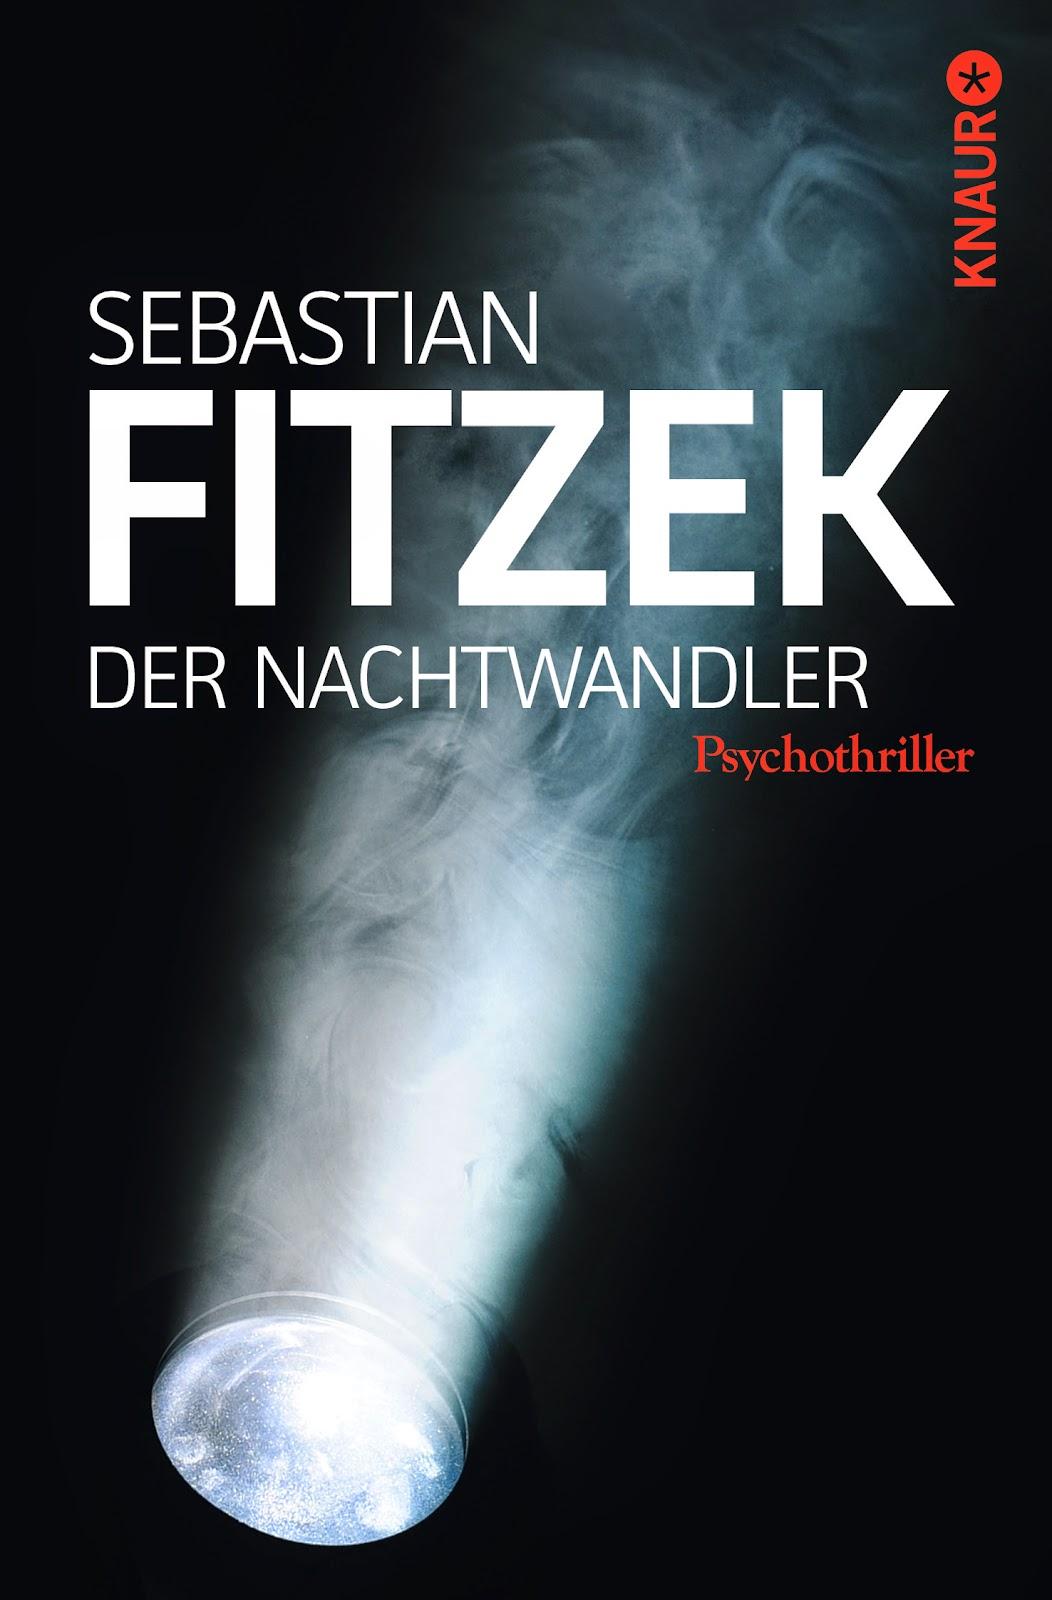 http://www.droemer-knaur.de/buch/1219633/der-nachtwandler